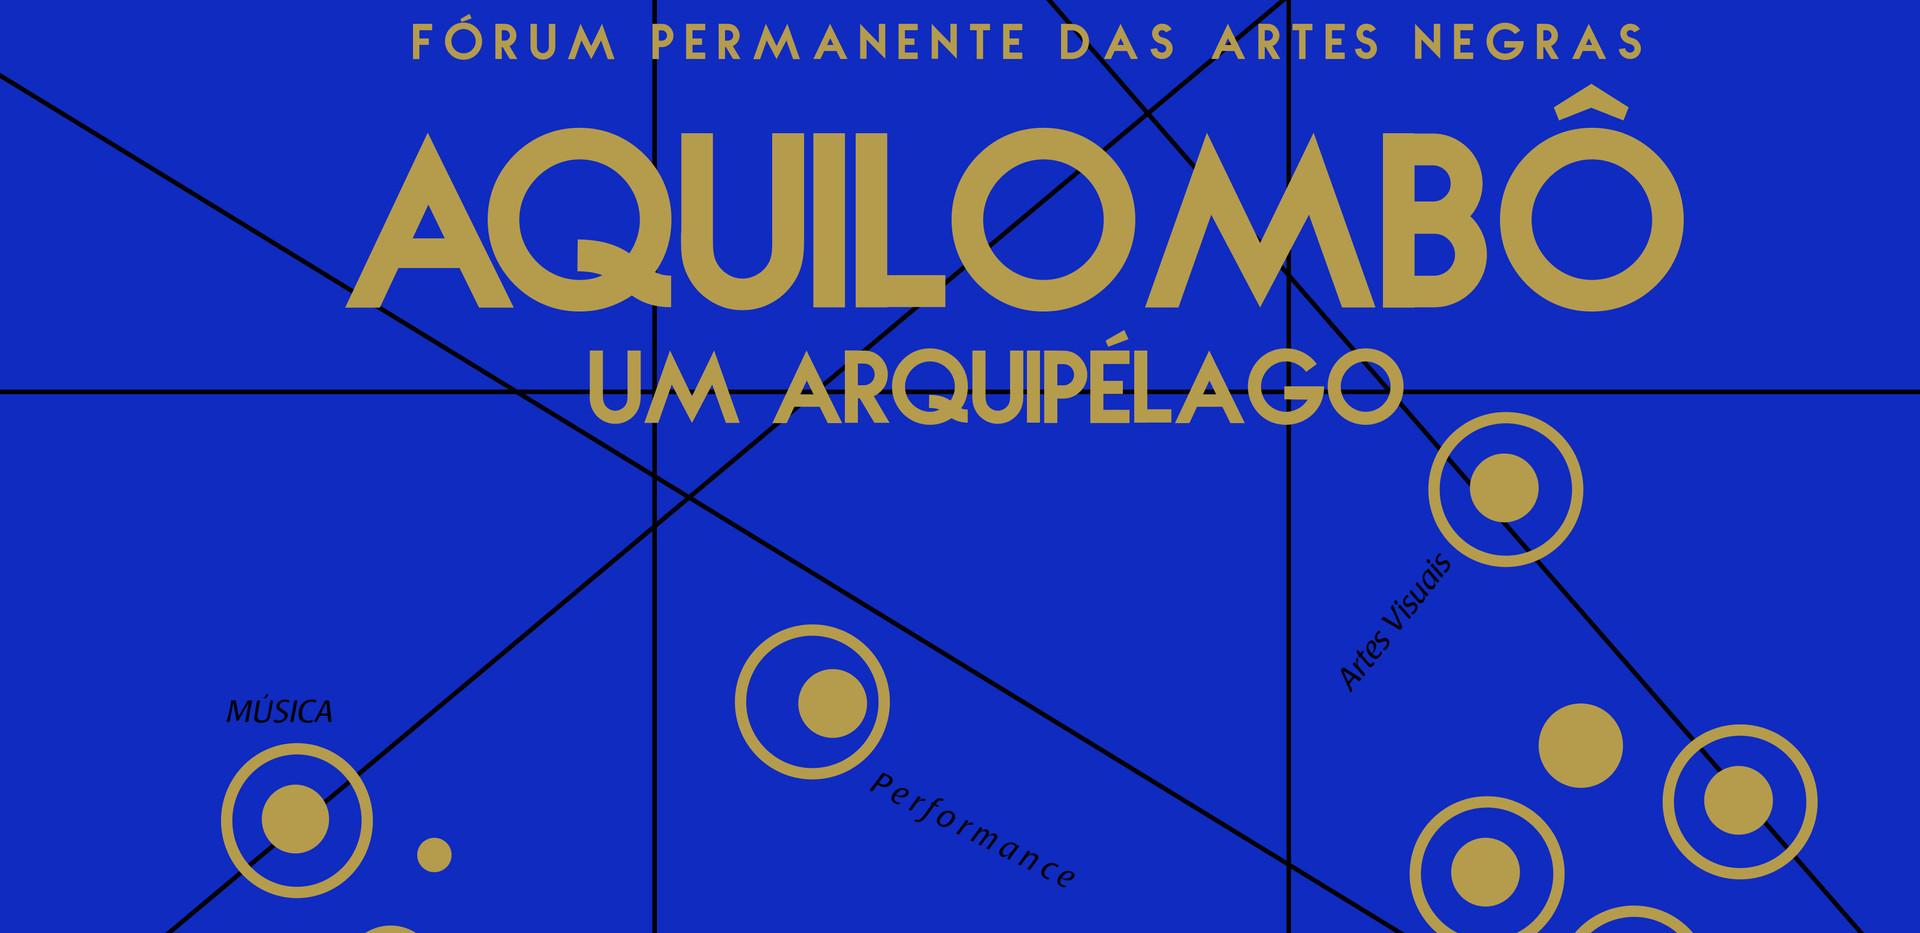 Arte Aquilombô